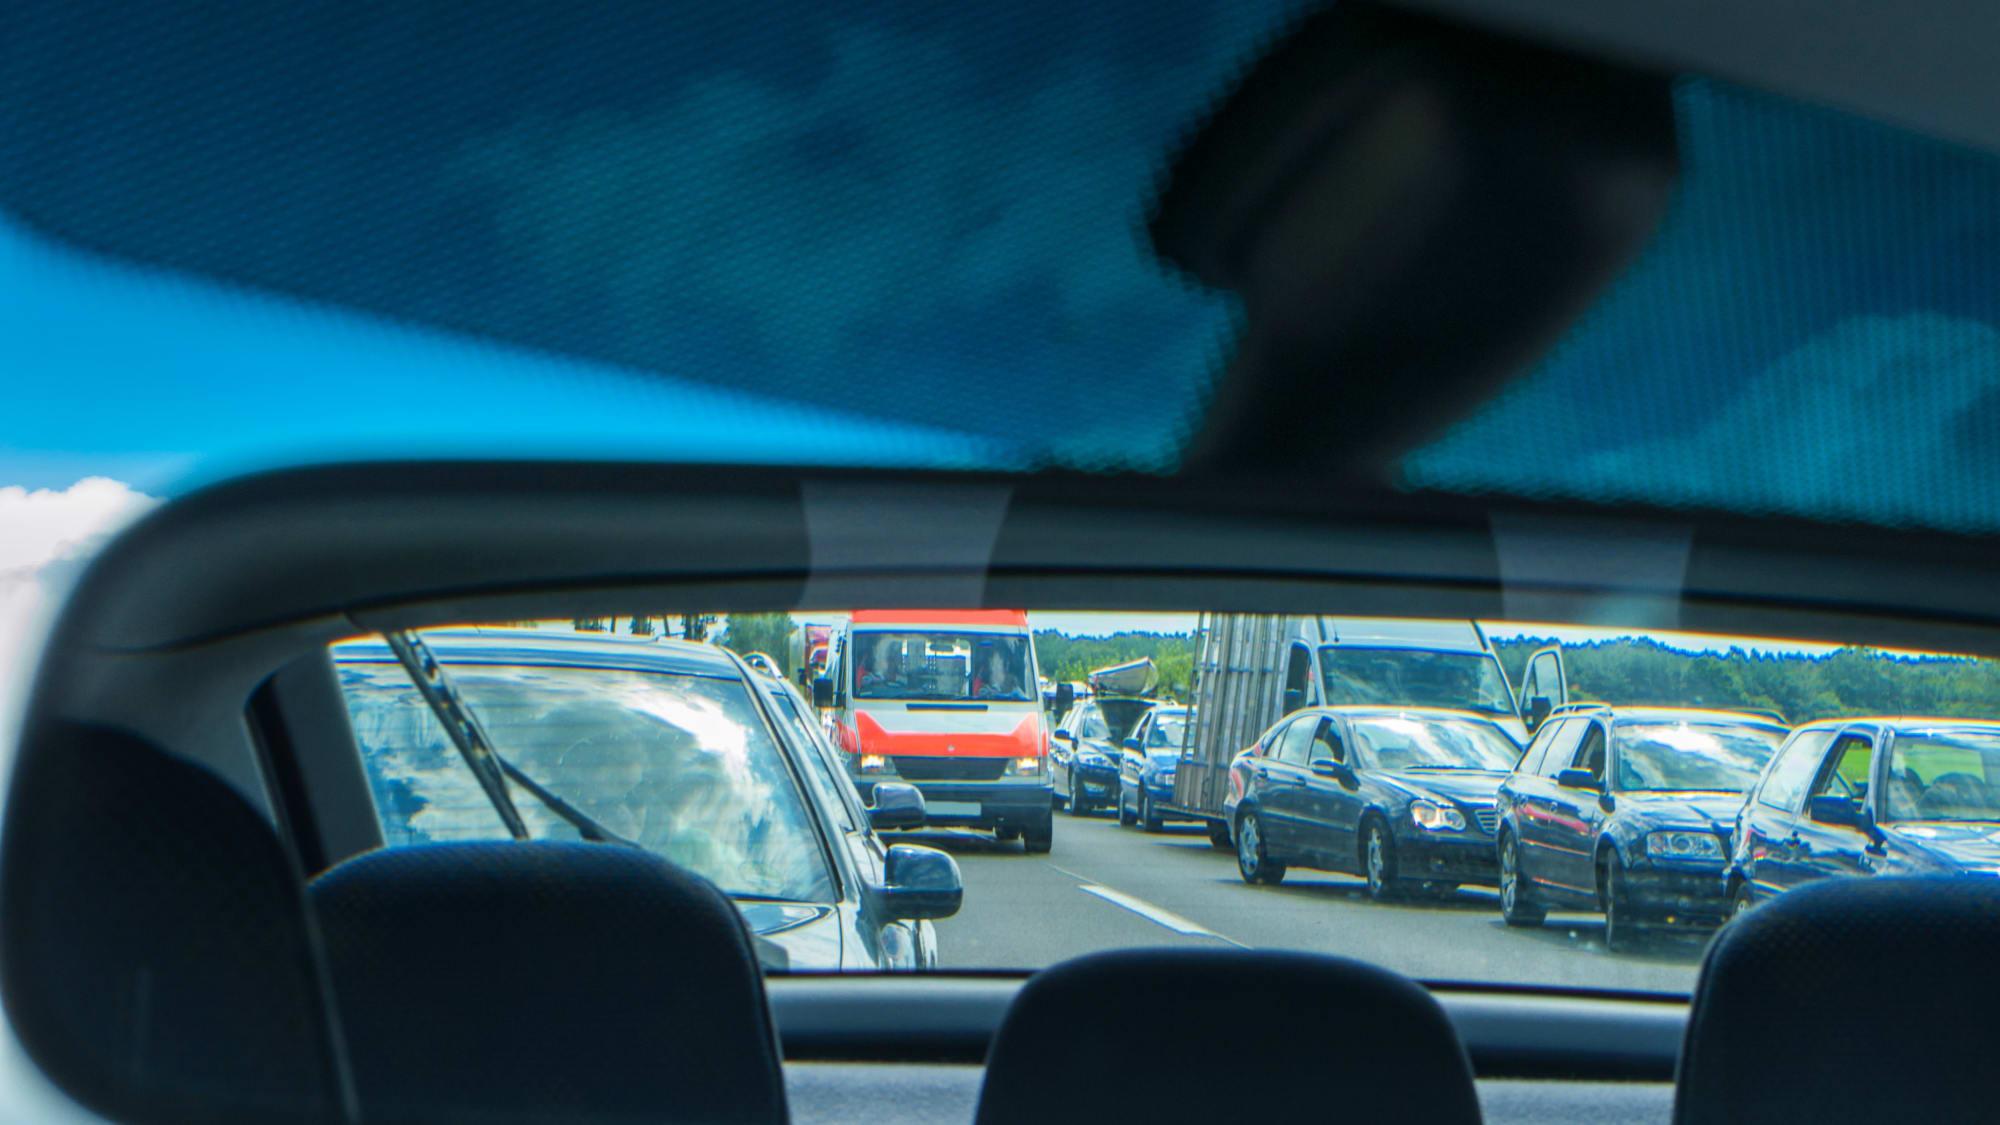 Rettungsgasse auf der Autobahn im rückspiegel